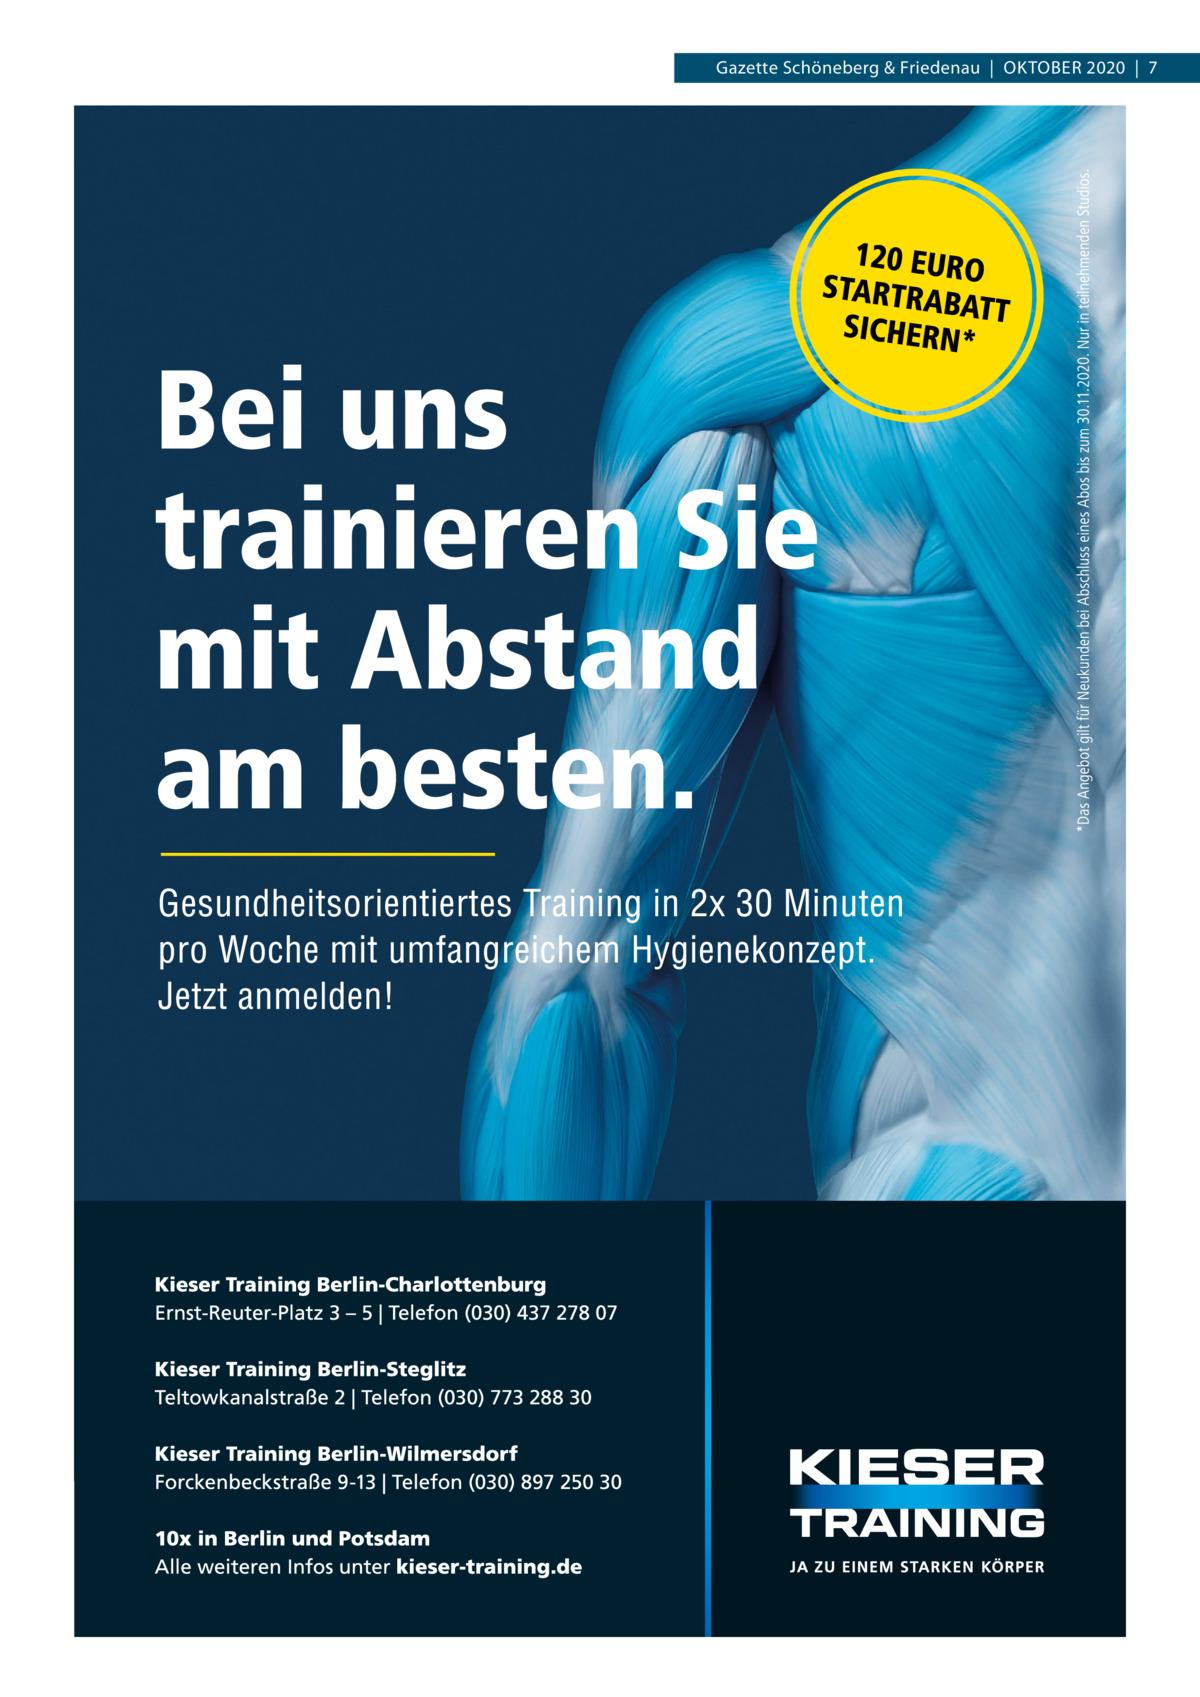 Gazette Schöneberg & Friedenau|Oktober 2020|7